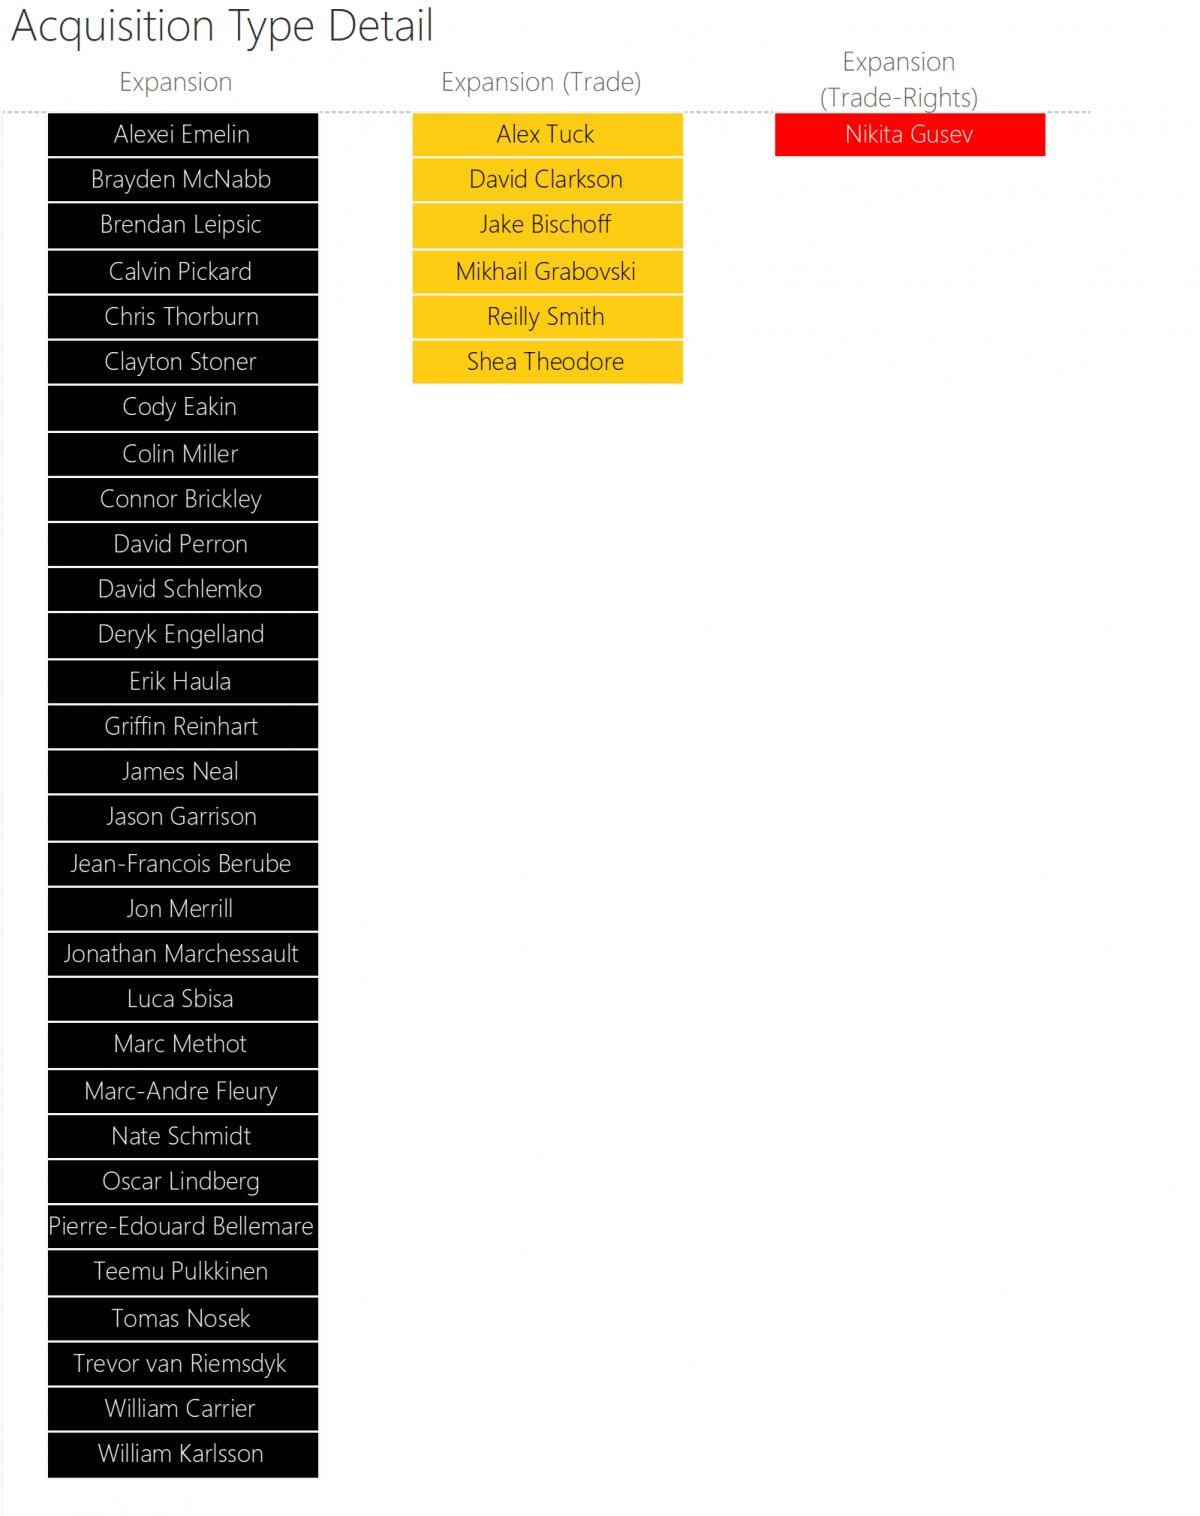 expansion draft detail